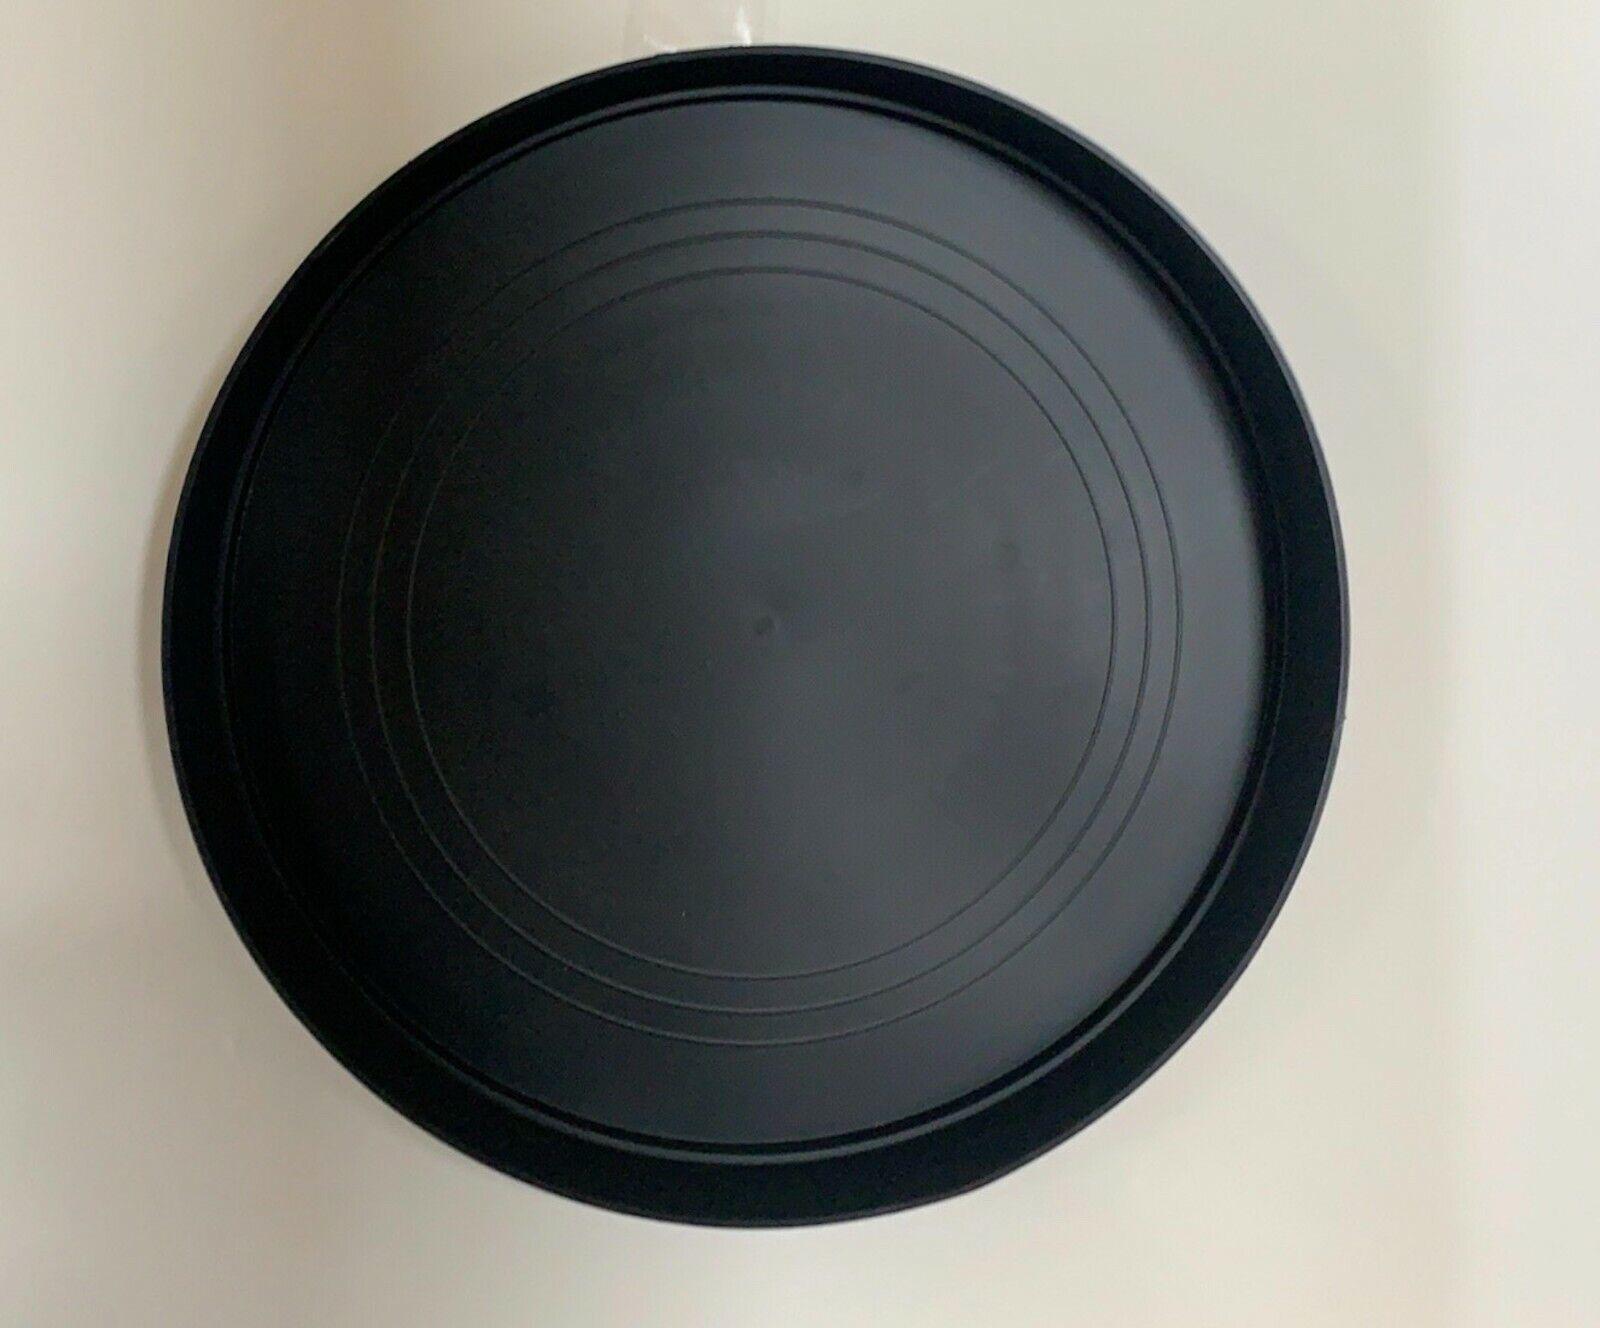 Black Round Plastic Plant Pot Saucer Heavy Duty 40cm/400mm Quantity: x1